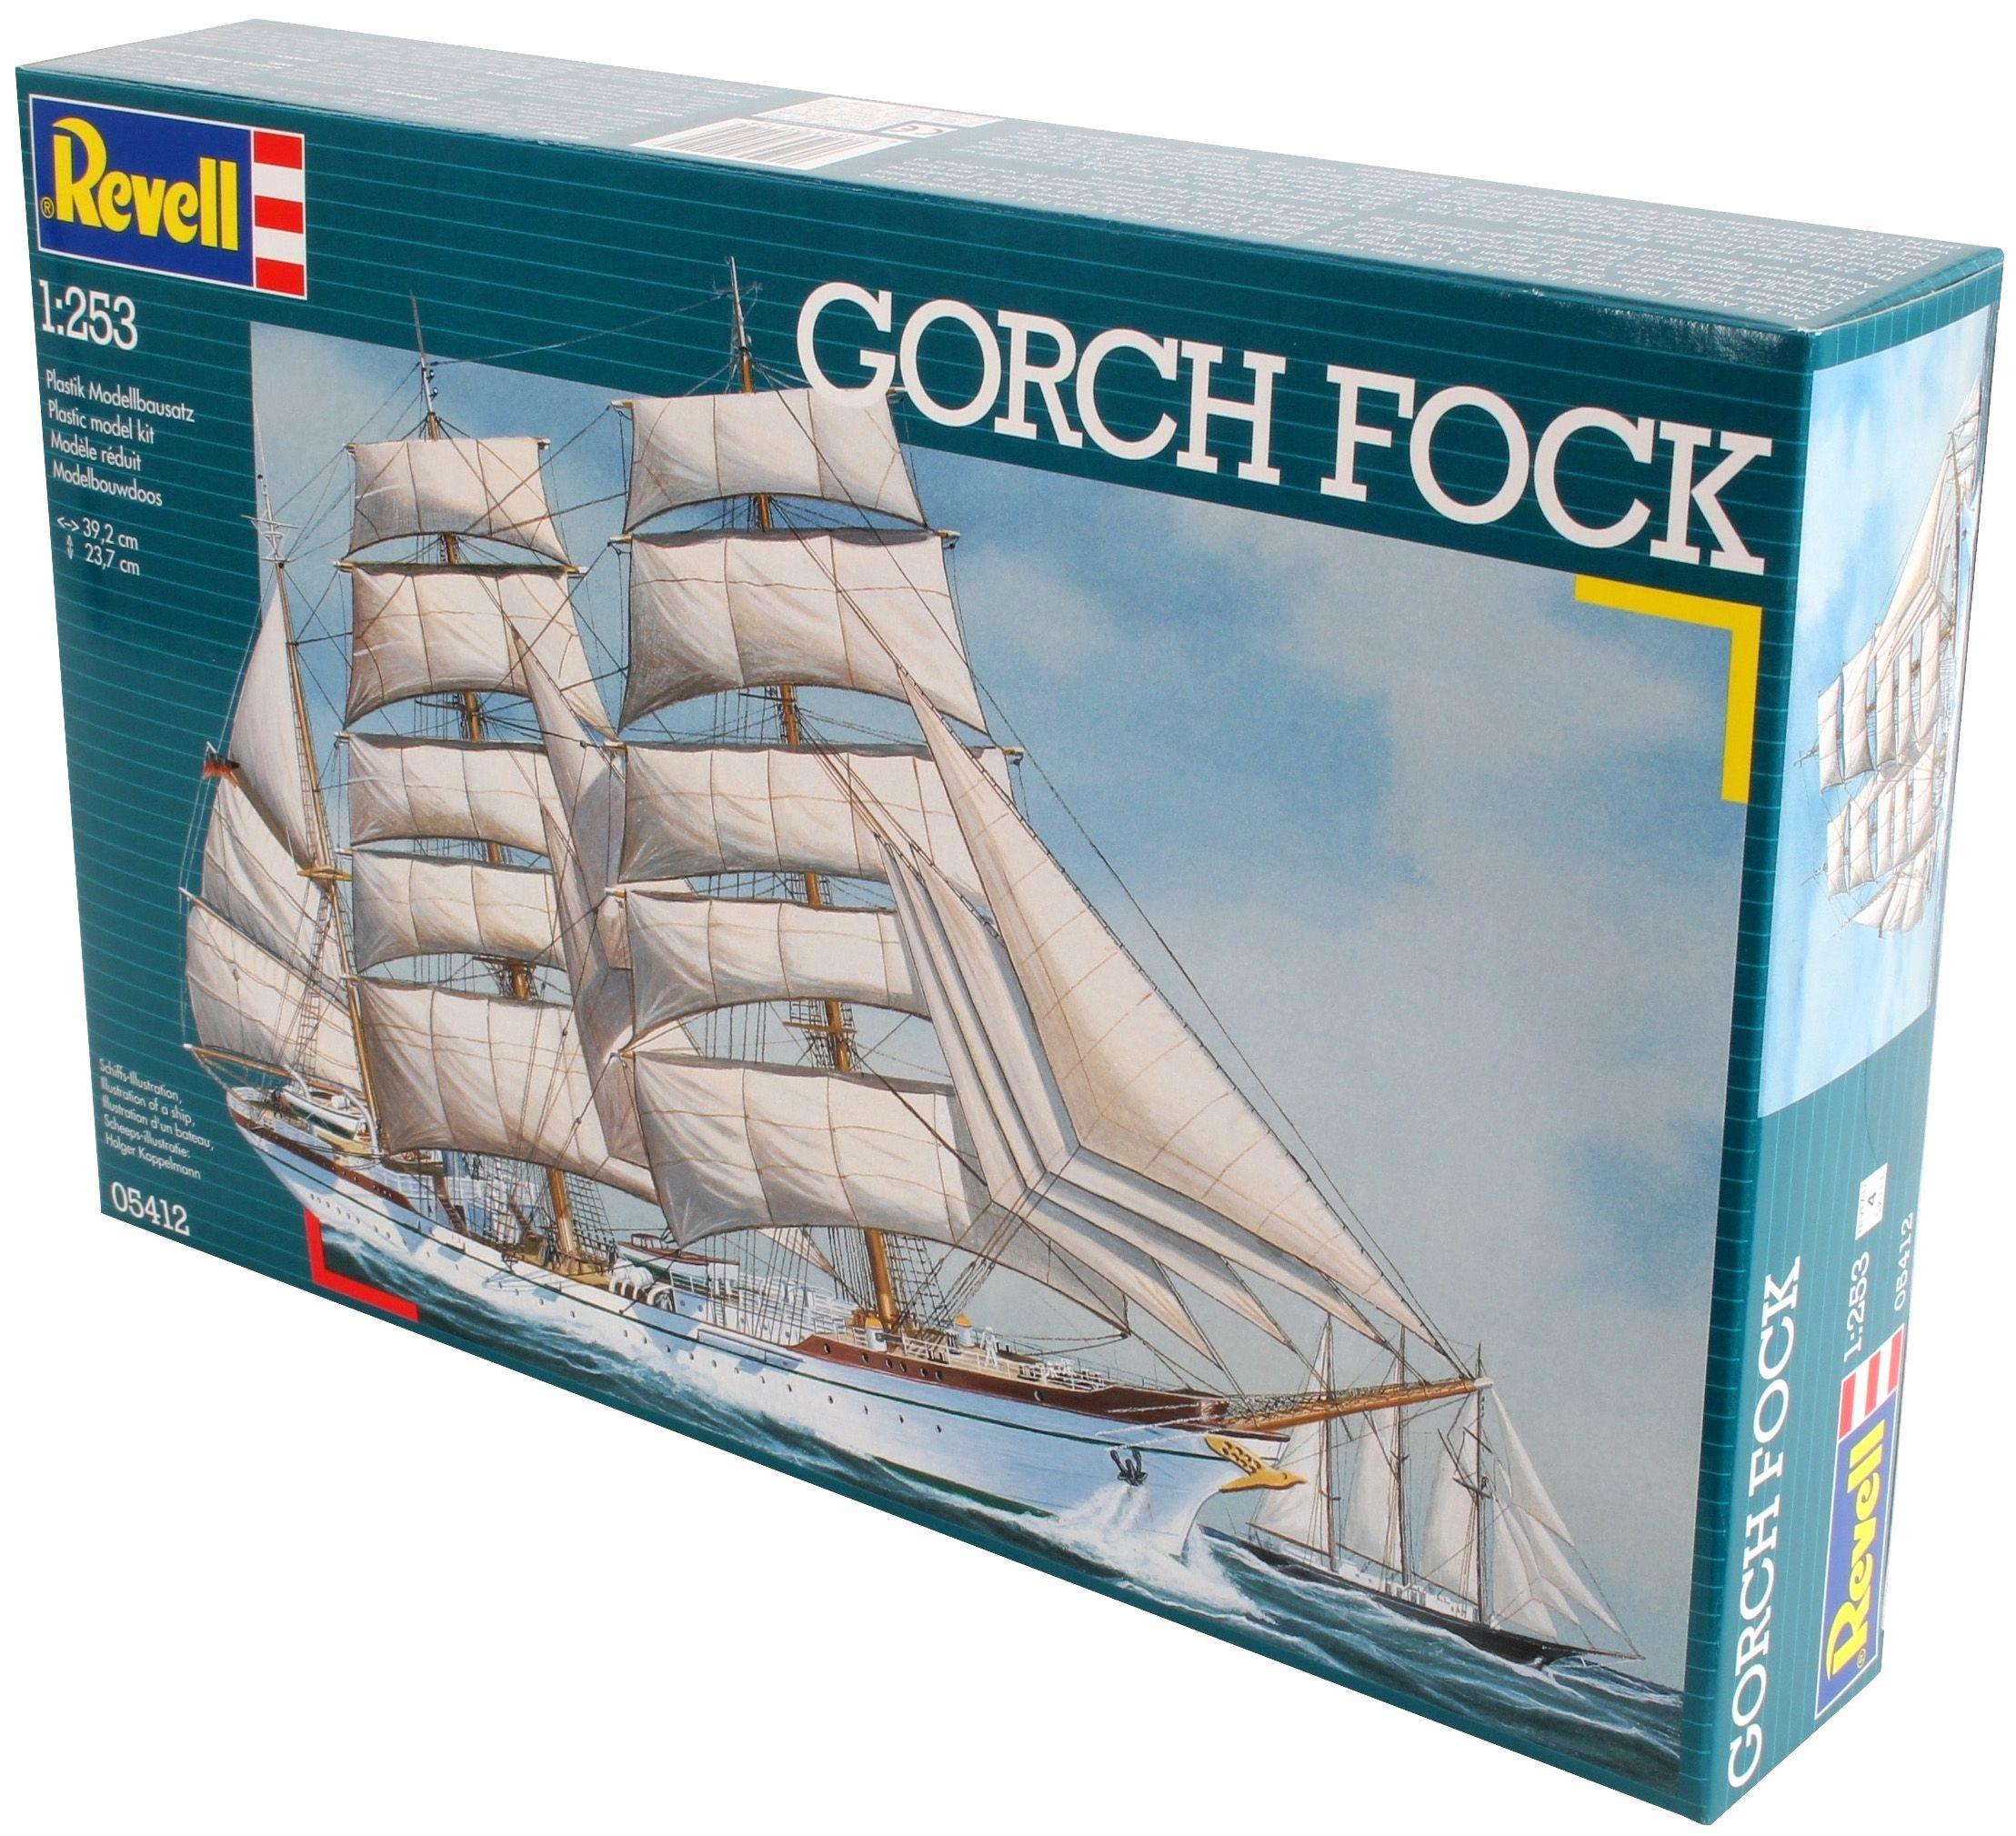 Сглобяем модел на кораб Revell - Gorch Fock (05412) - 3